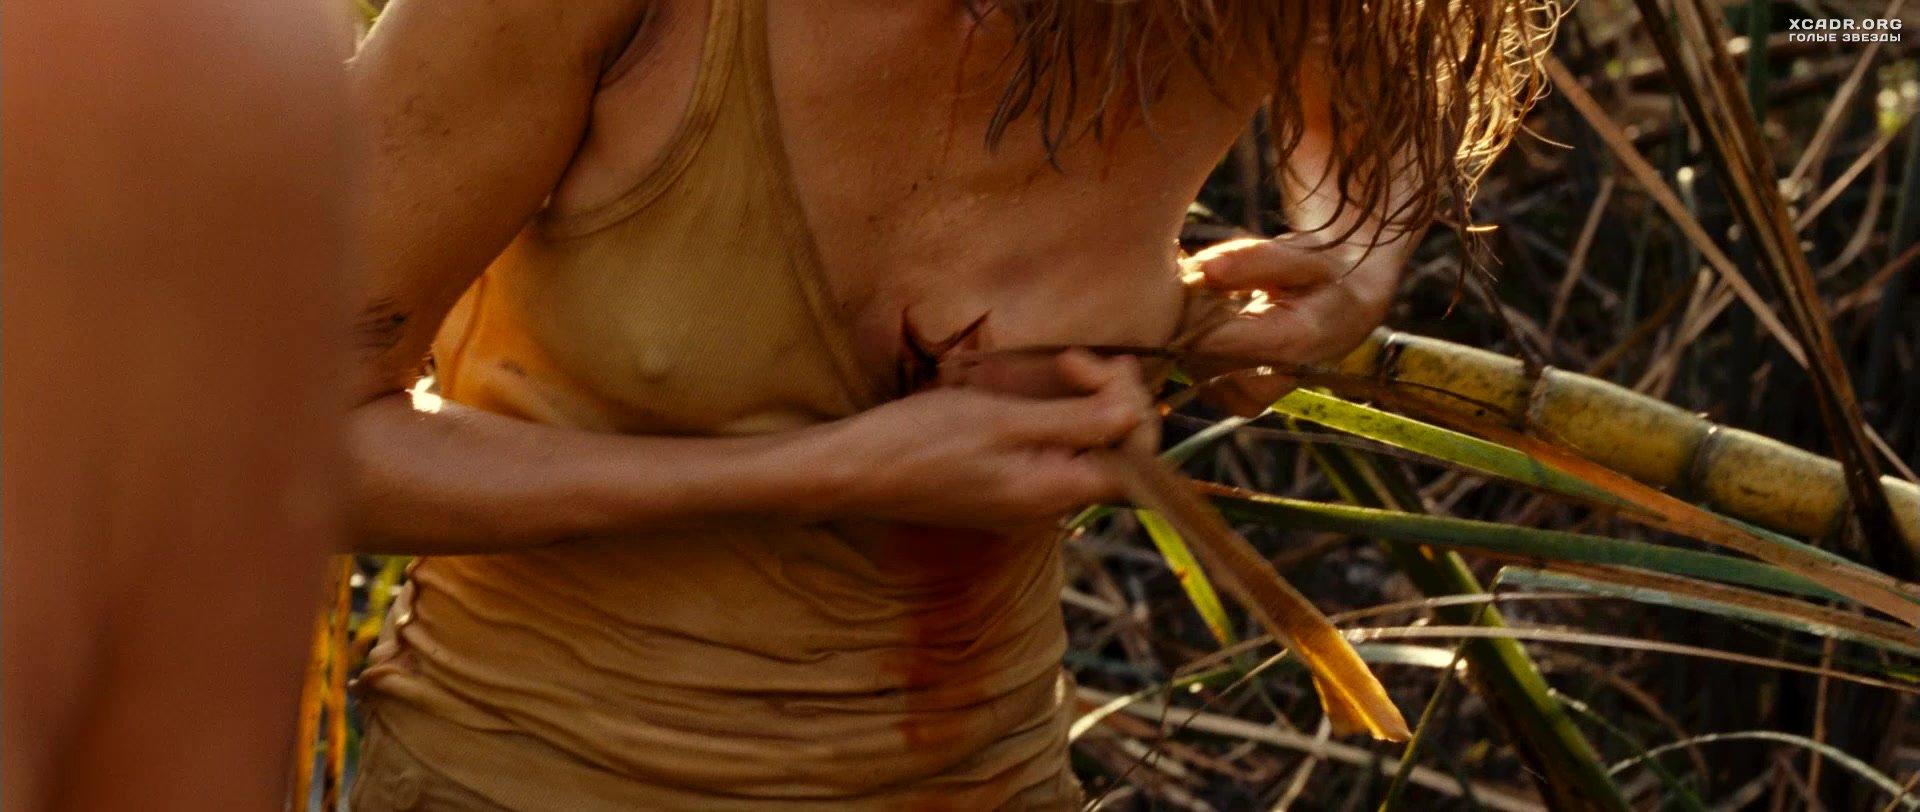 rose-naked-naomi-watts-nude-movie-tyler-butts